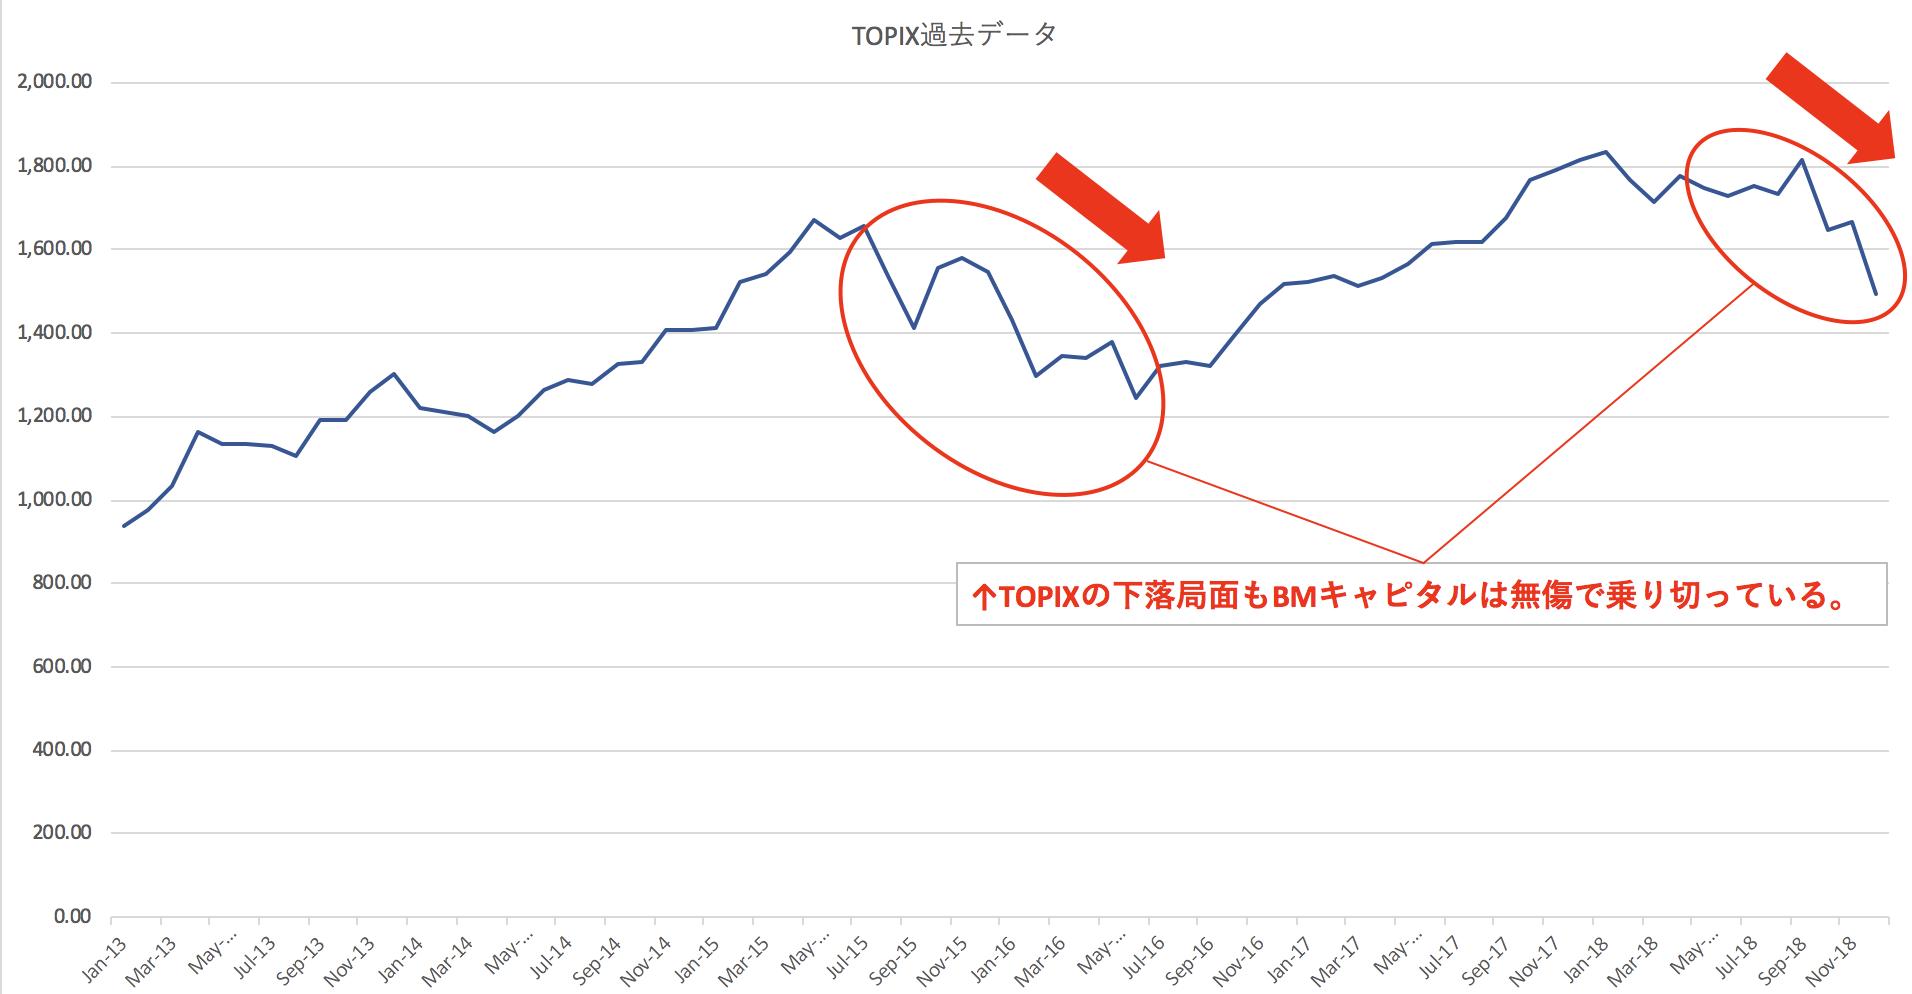 TOPIXが下落するなか無傷で乗り切るBMキャピタルの成績